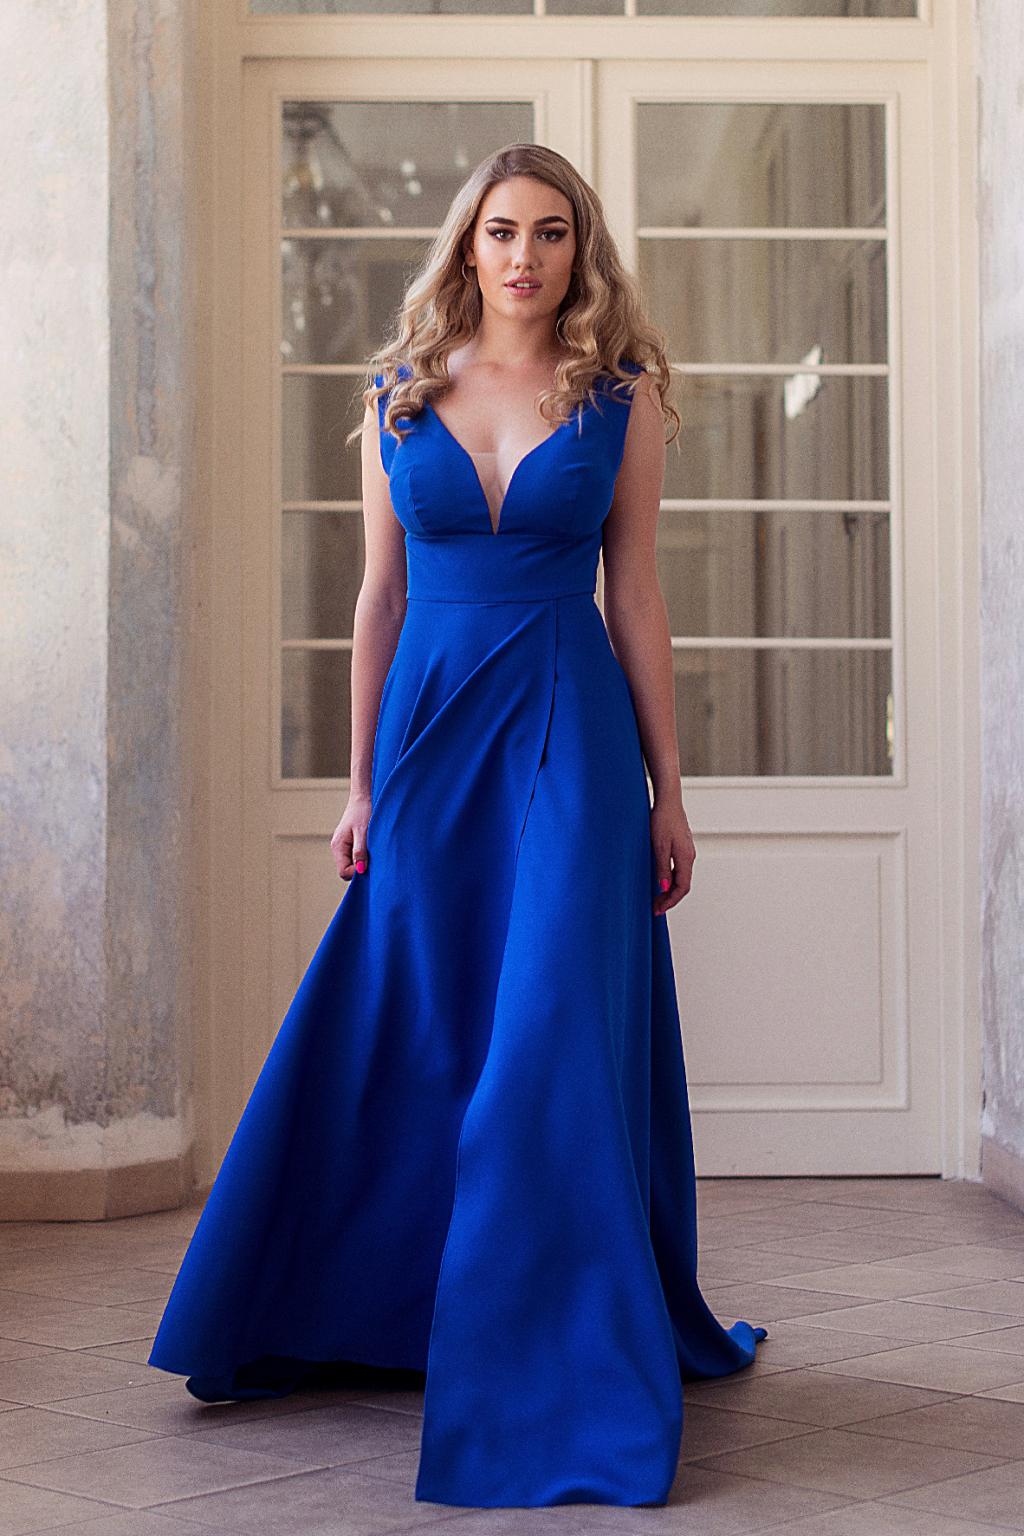 modré společenské šaty s výstřihem